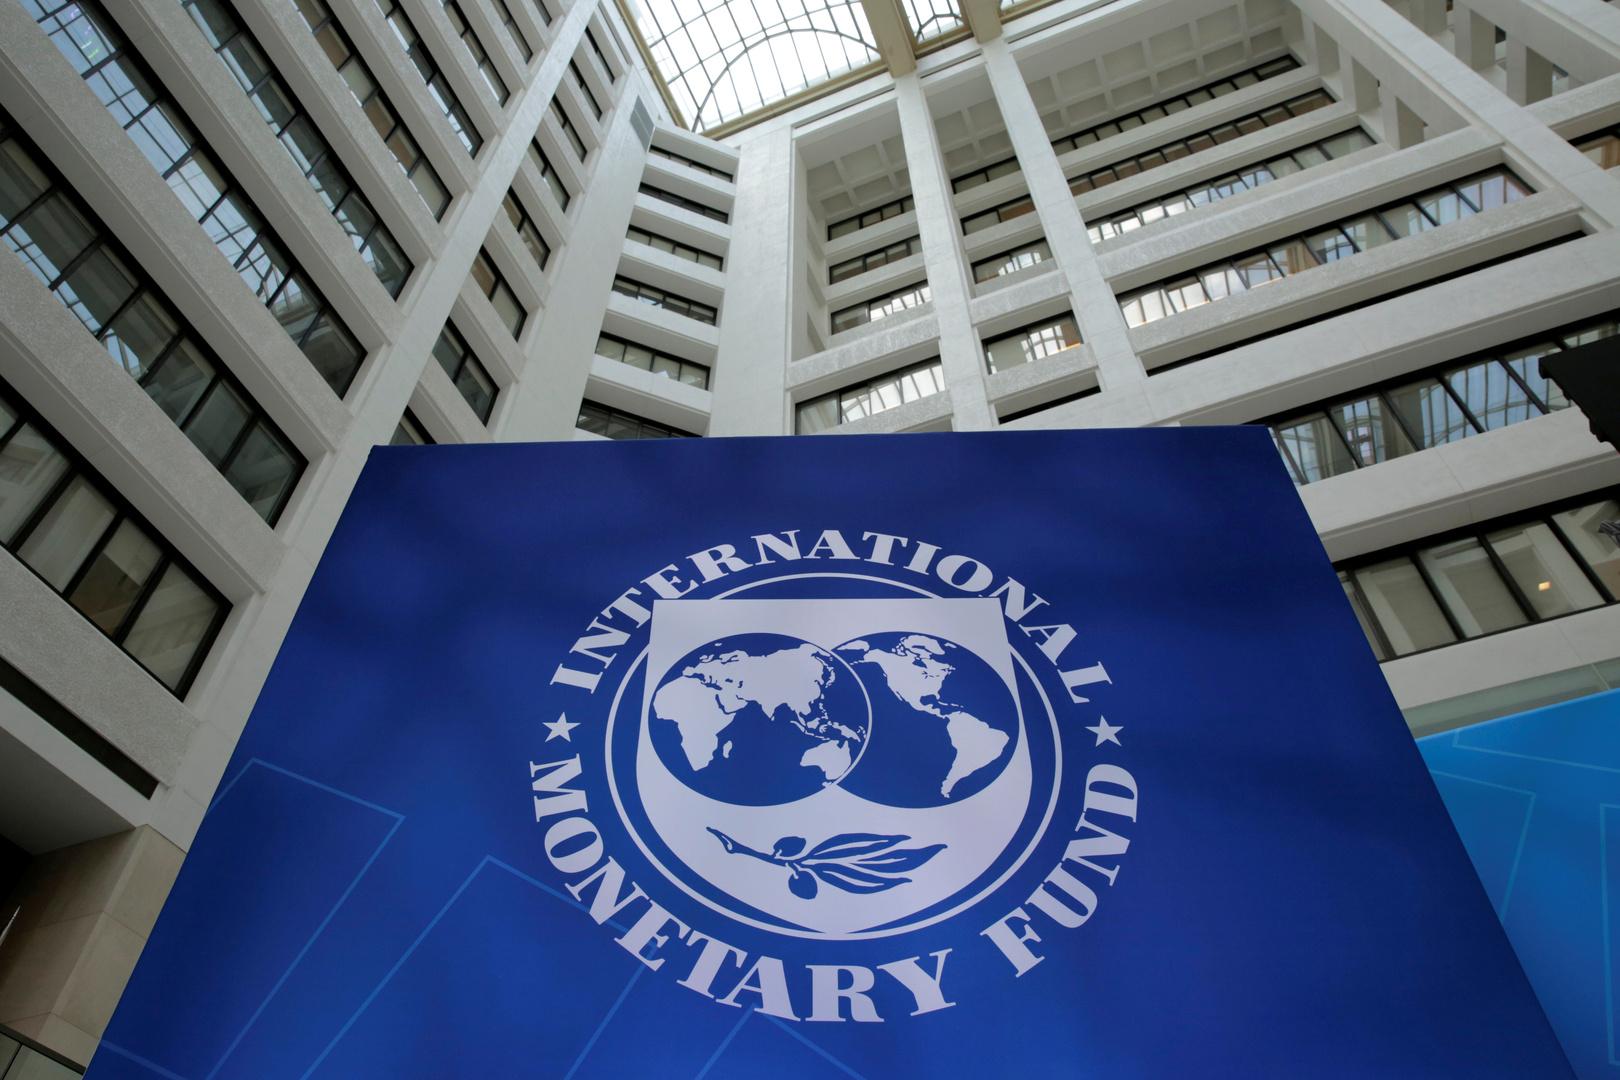 النقد الدولي: الركود العالمي سيكون أقل من المتوقع في 2020